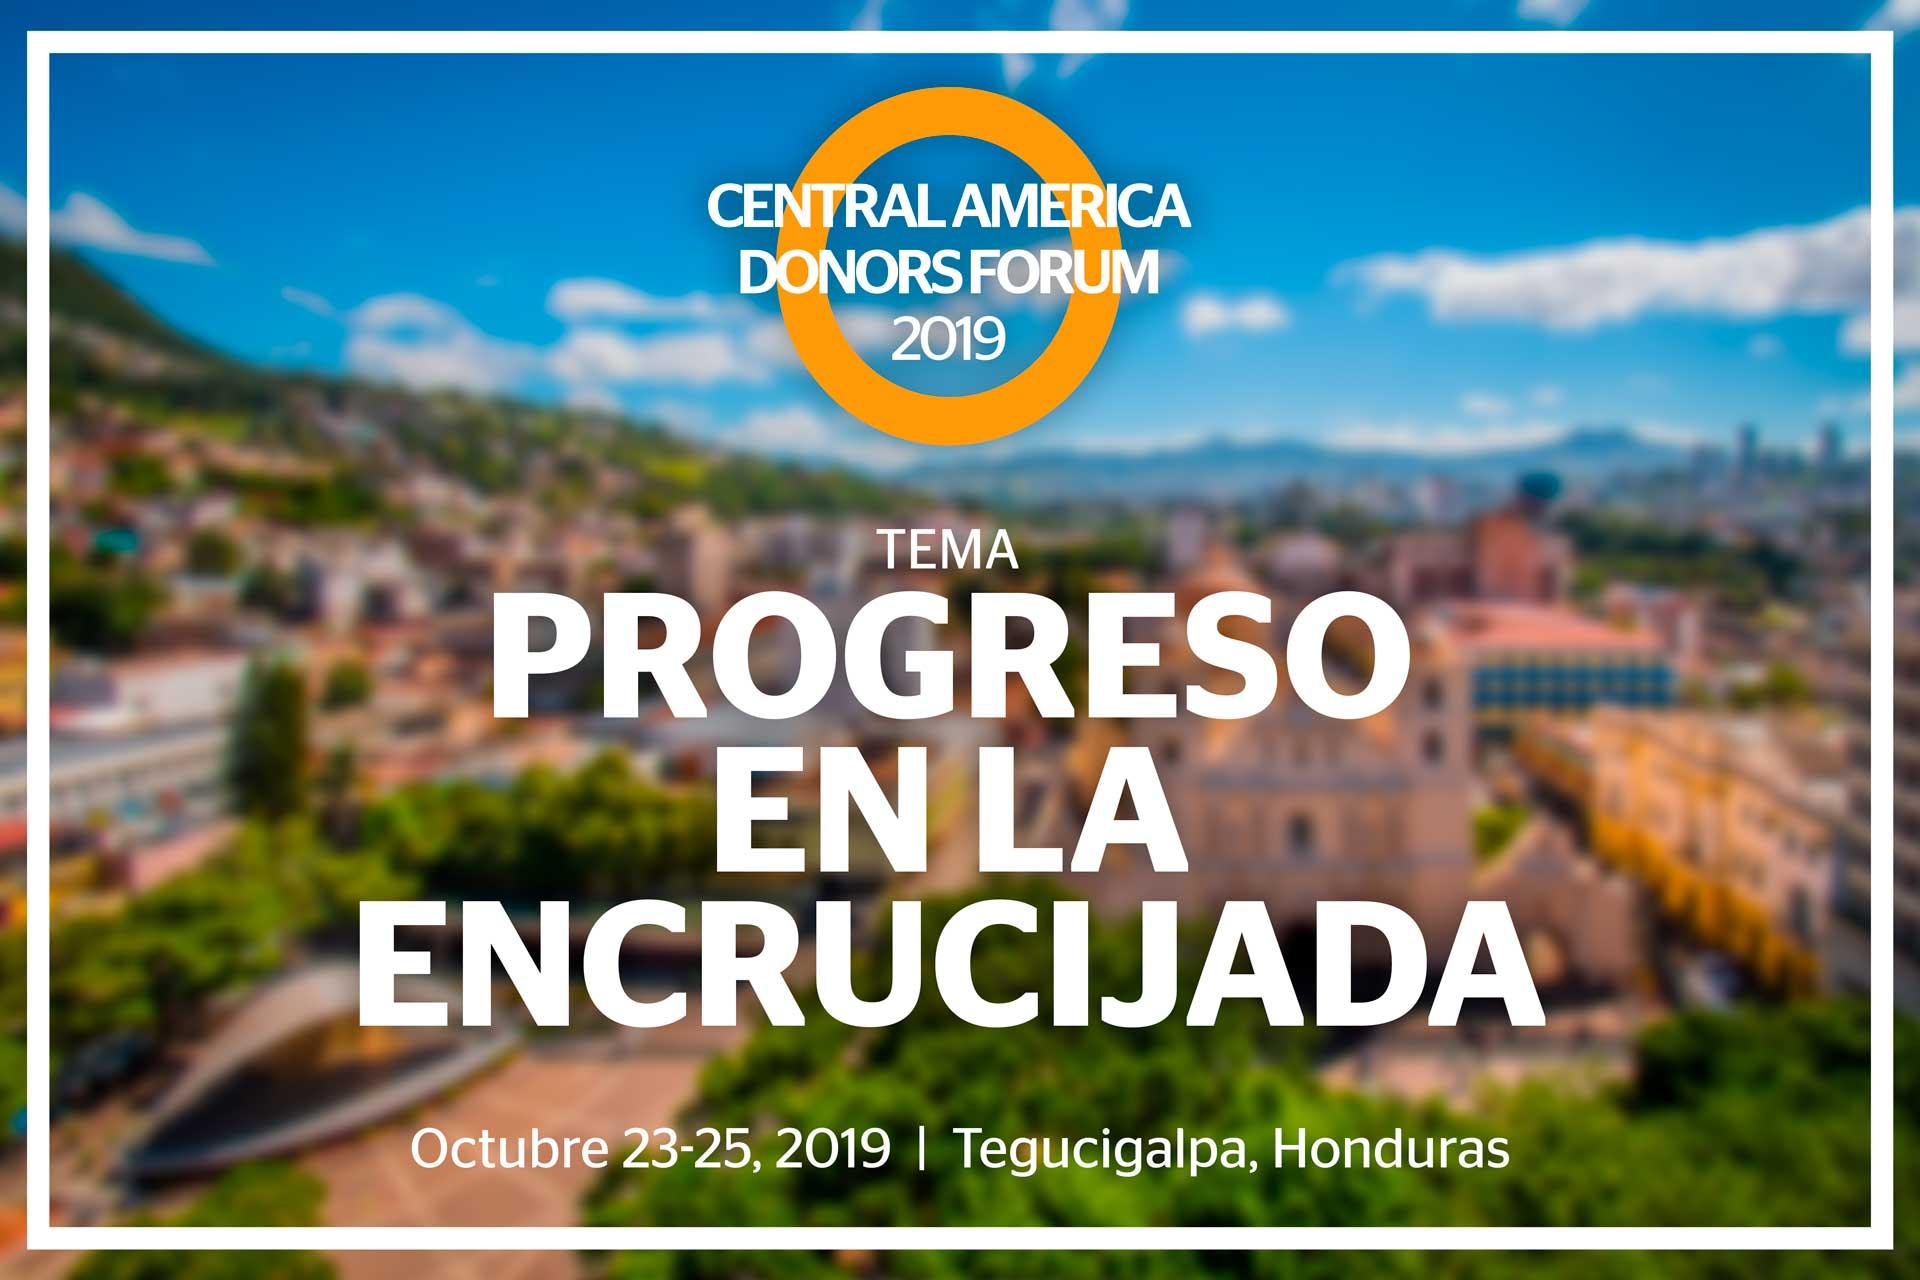 Tegucigalpa será la sede del CADF2019